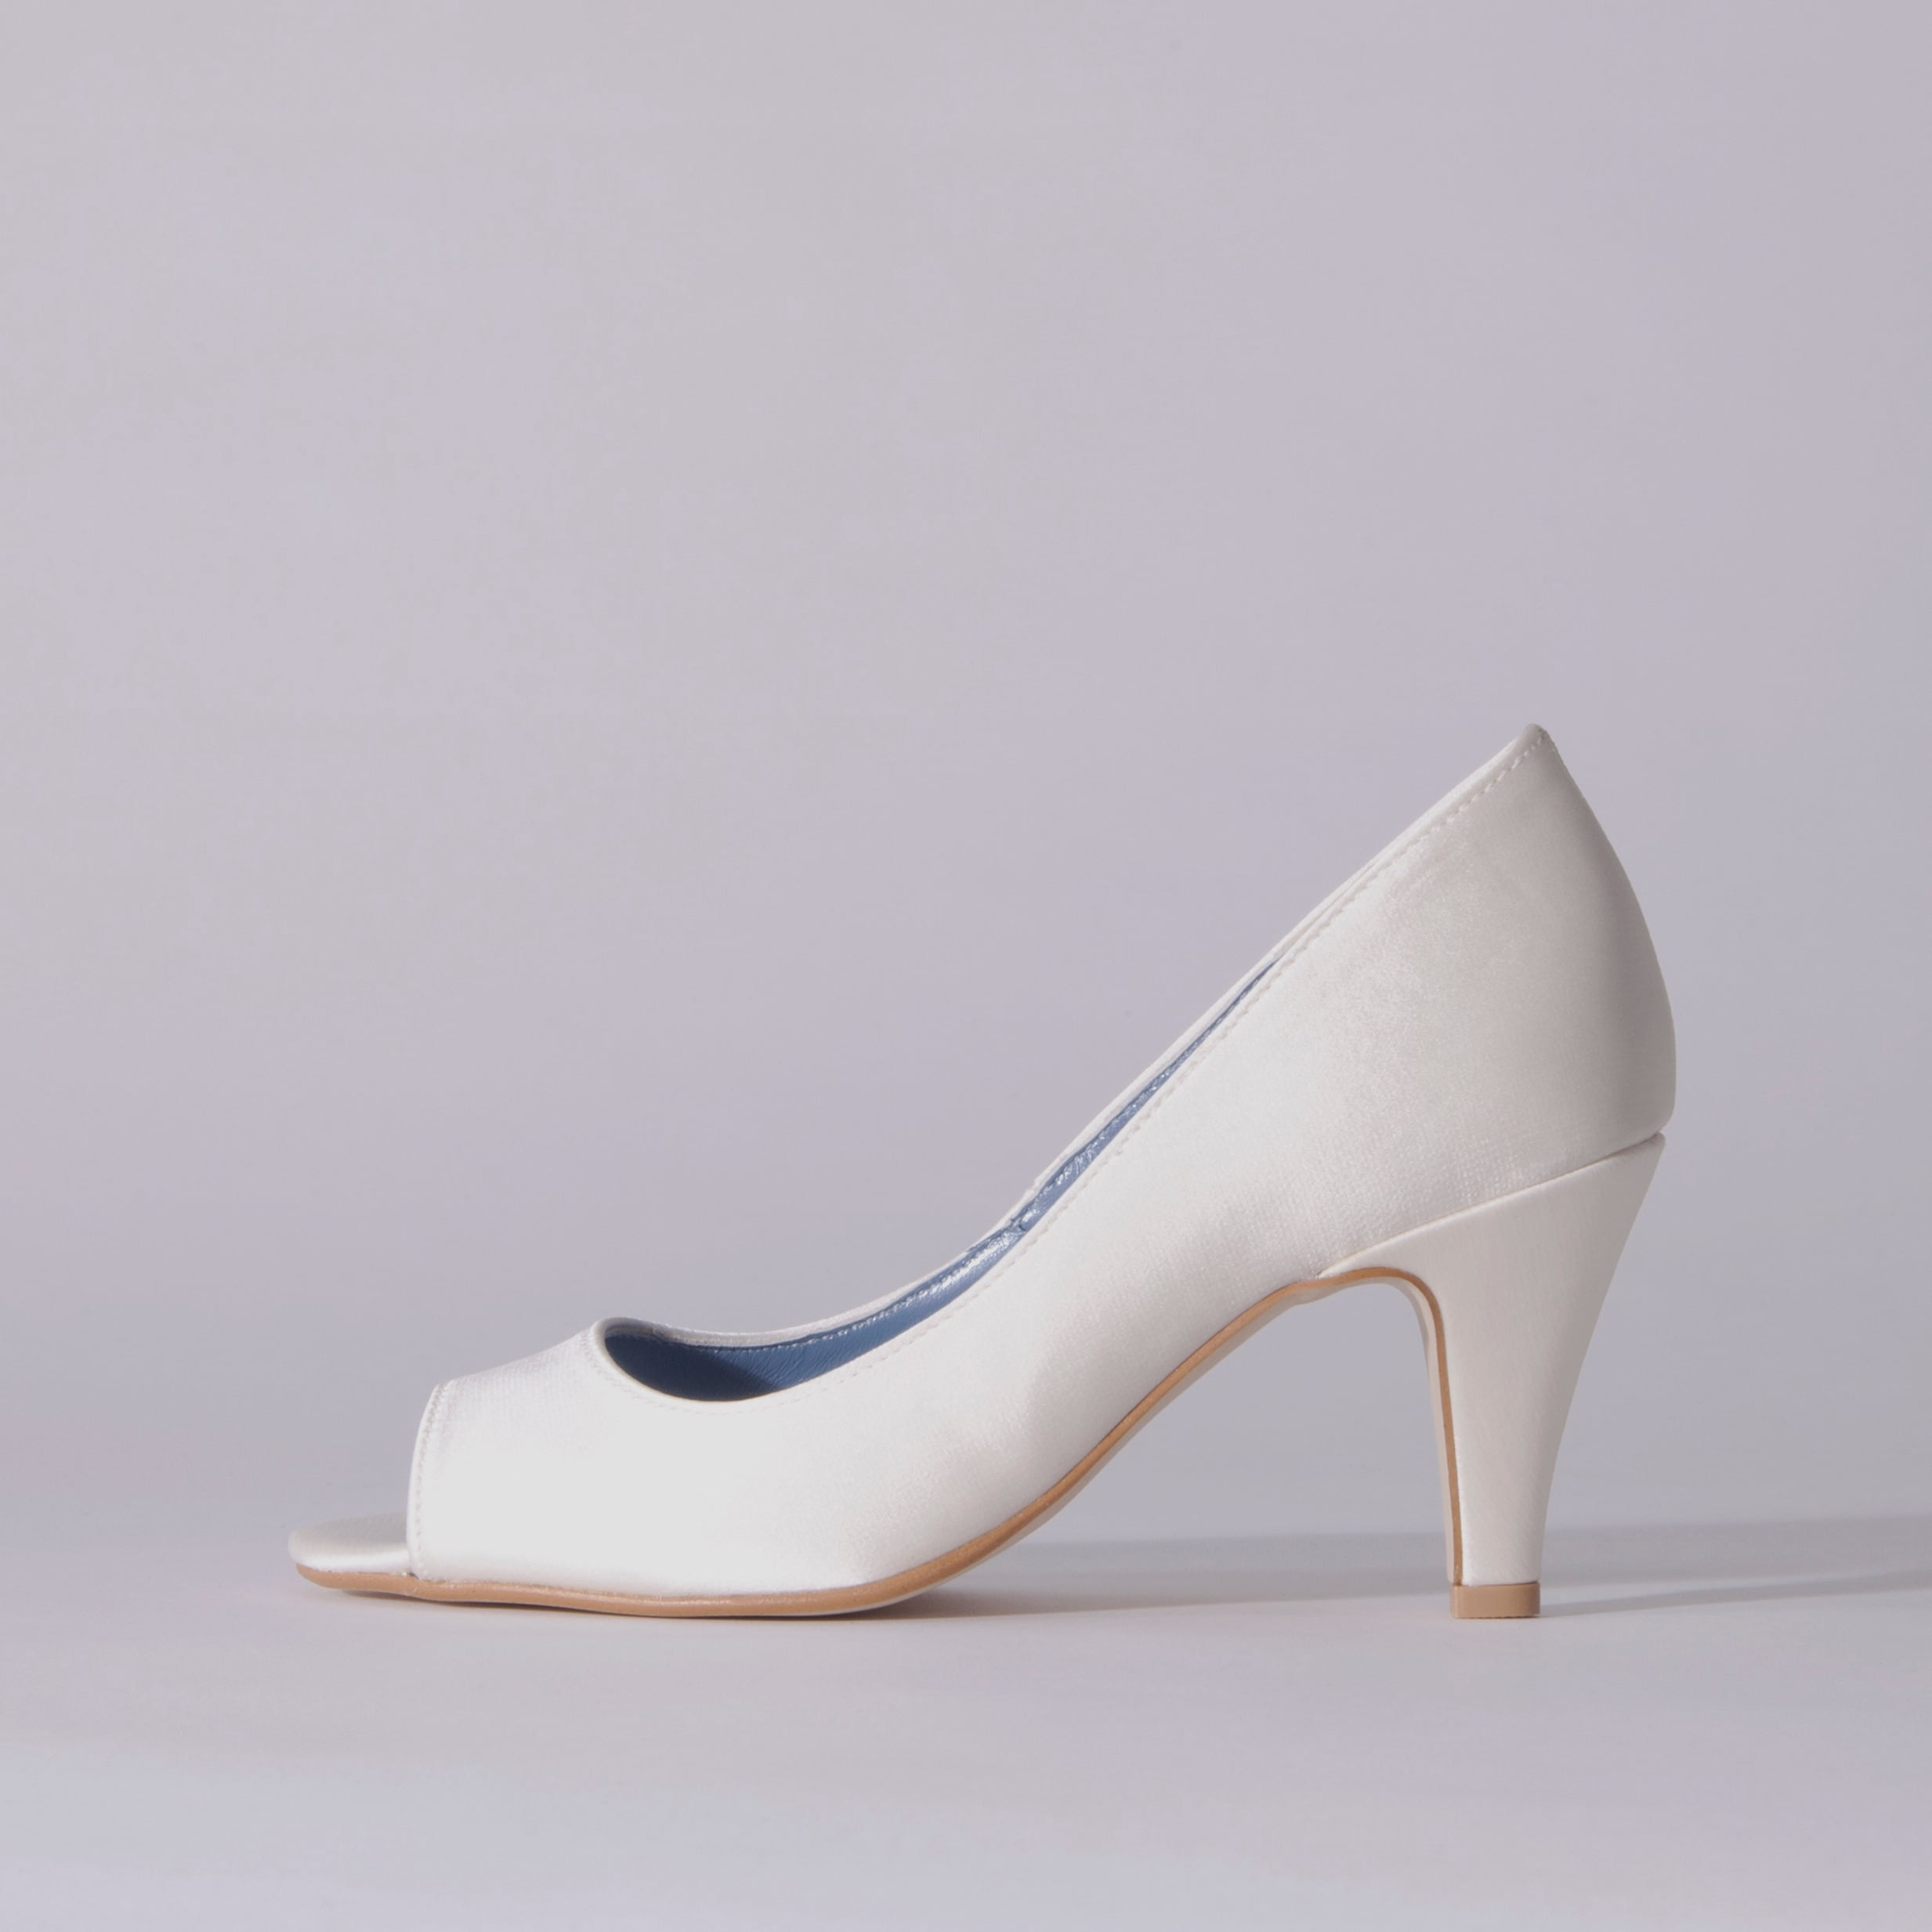 Satin / Open Toe / 7cm / WH 【7003 WH】